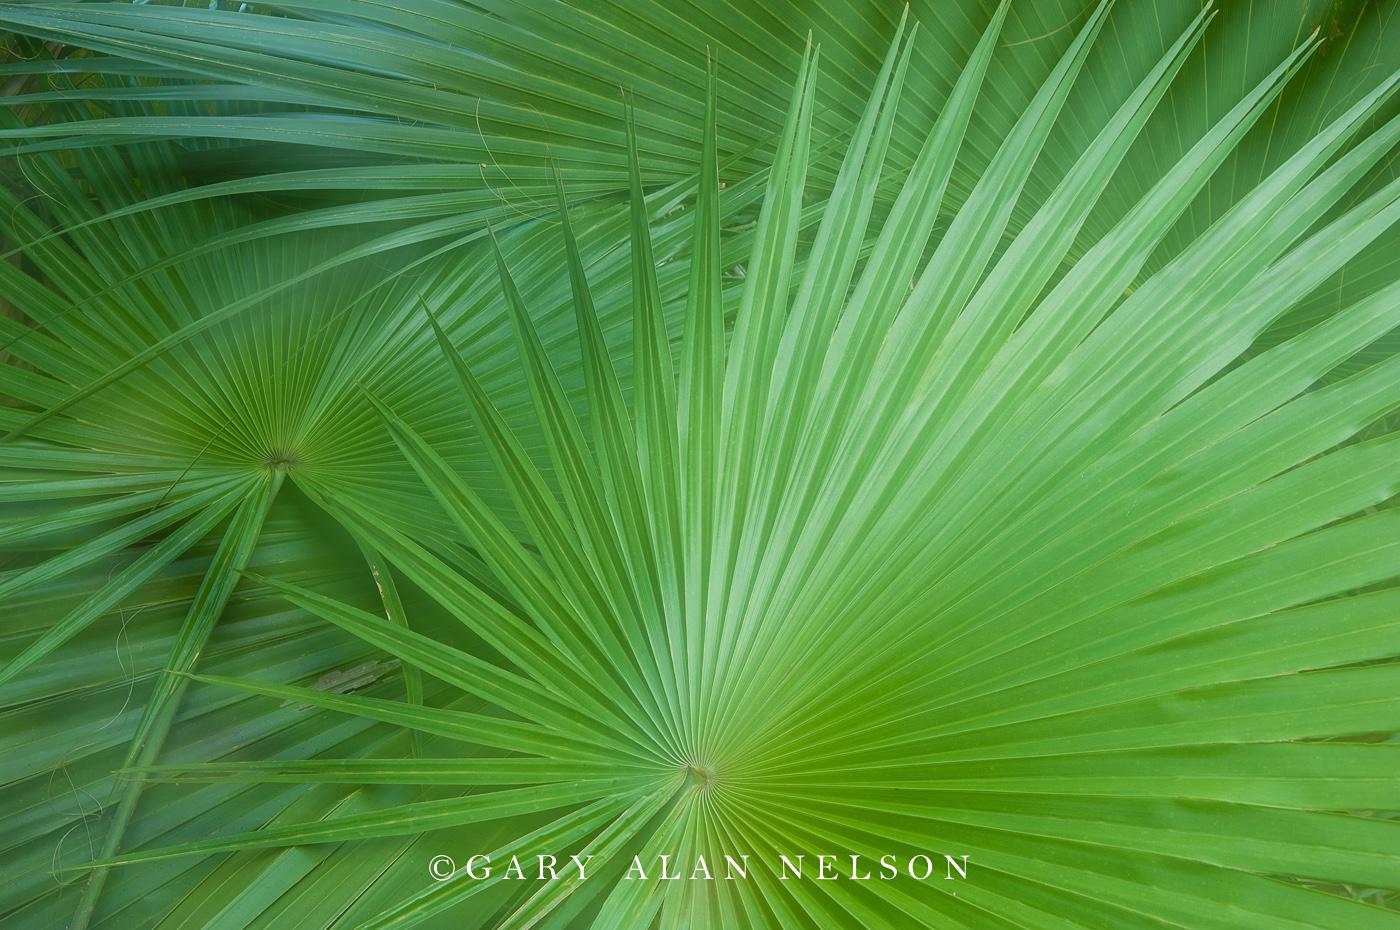 everglades national park, saw palmetto, florida, photo